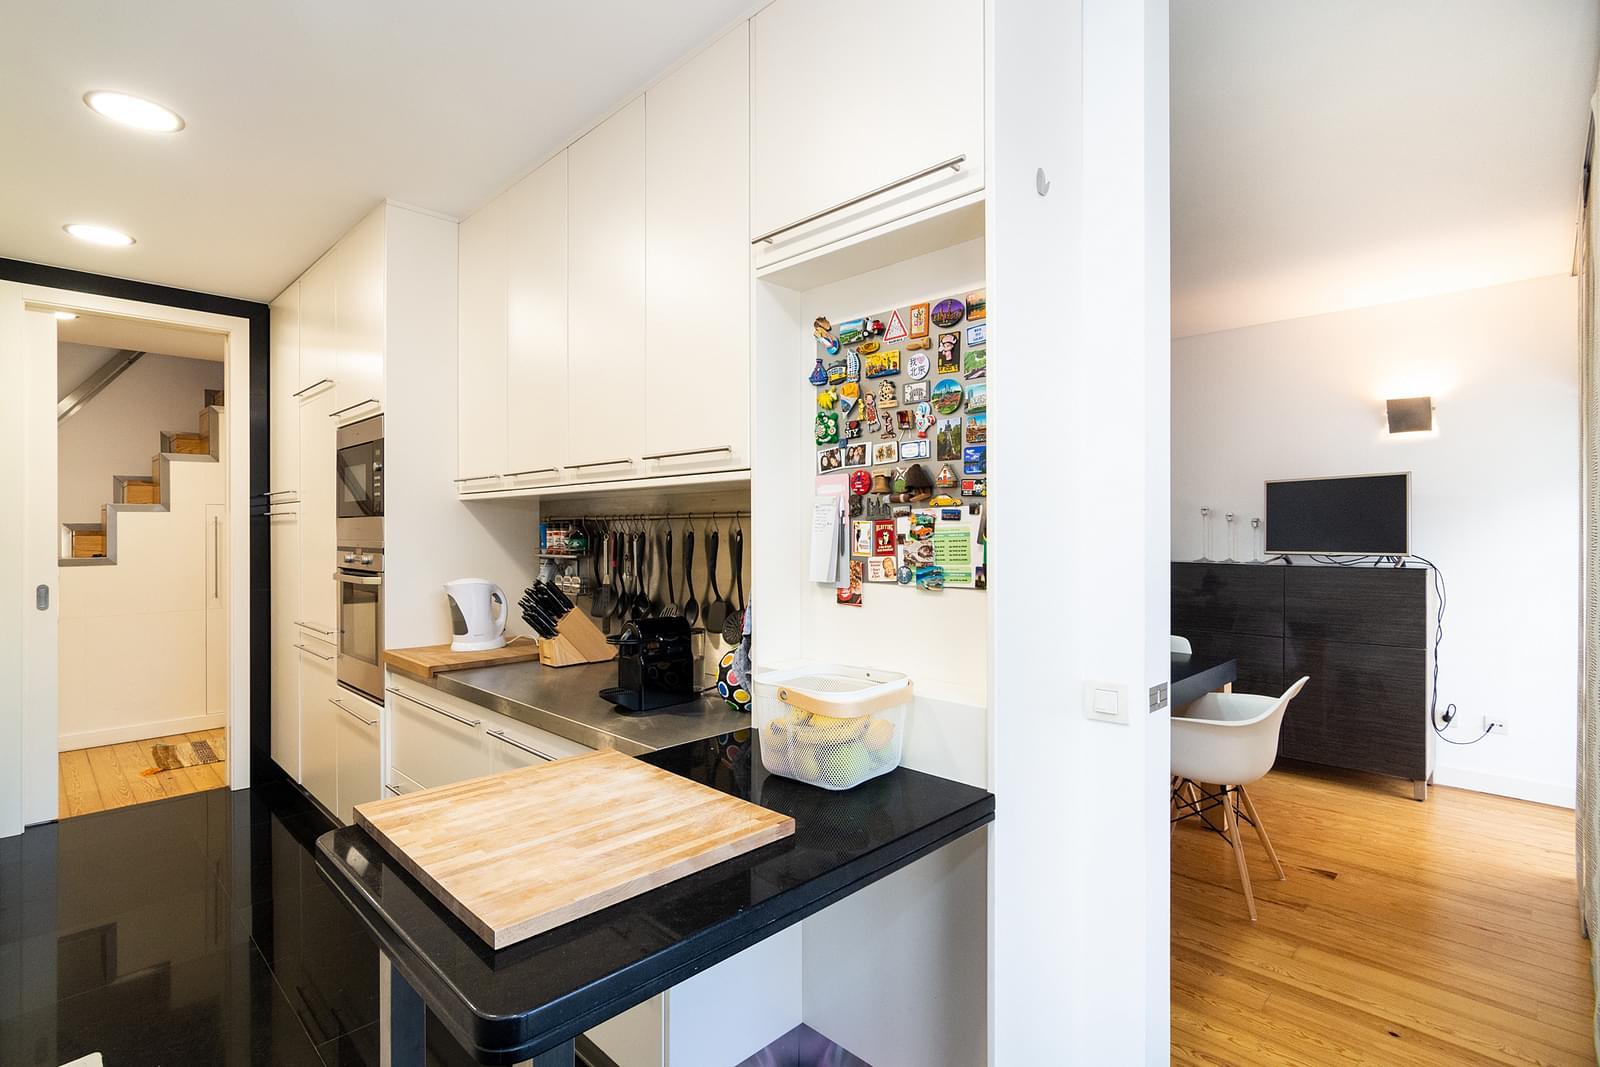 pf17626-apartamento-t6-lisboa-fbd0d818-194f-4a9d-b006-509532369c2b